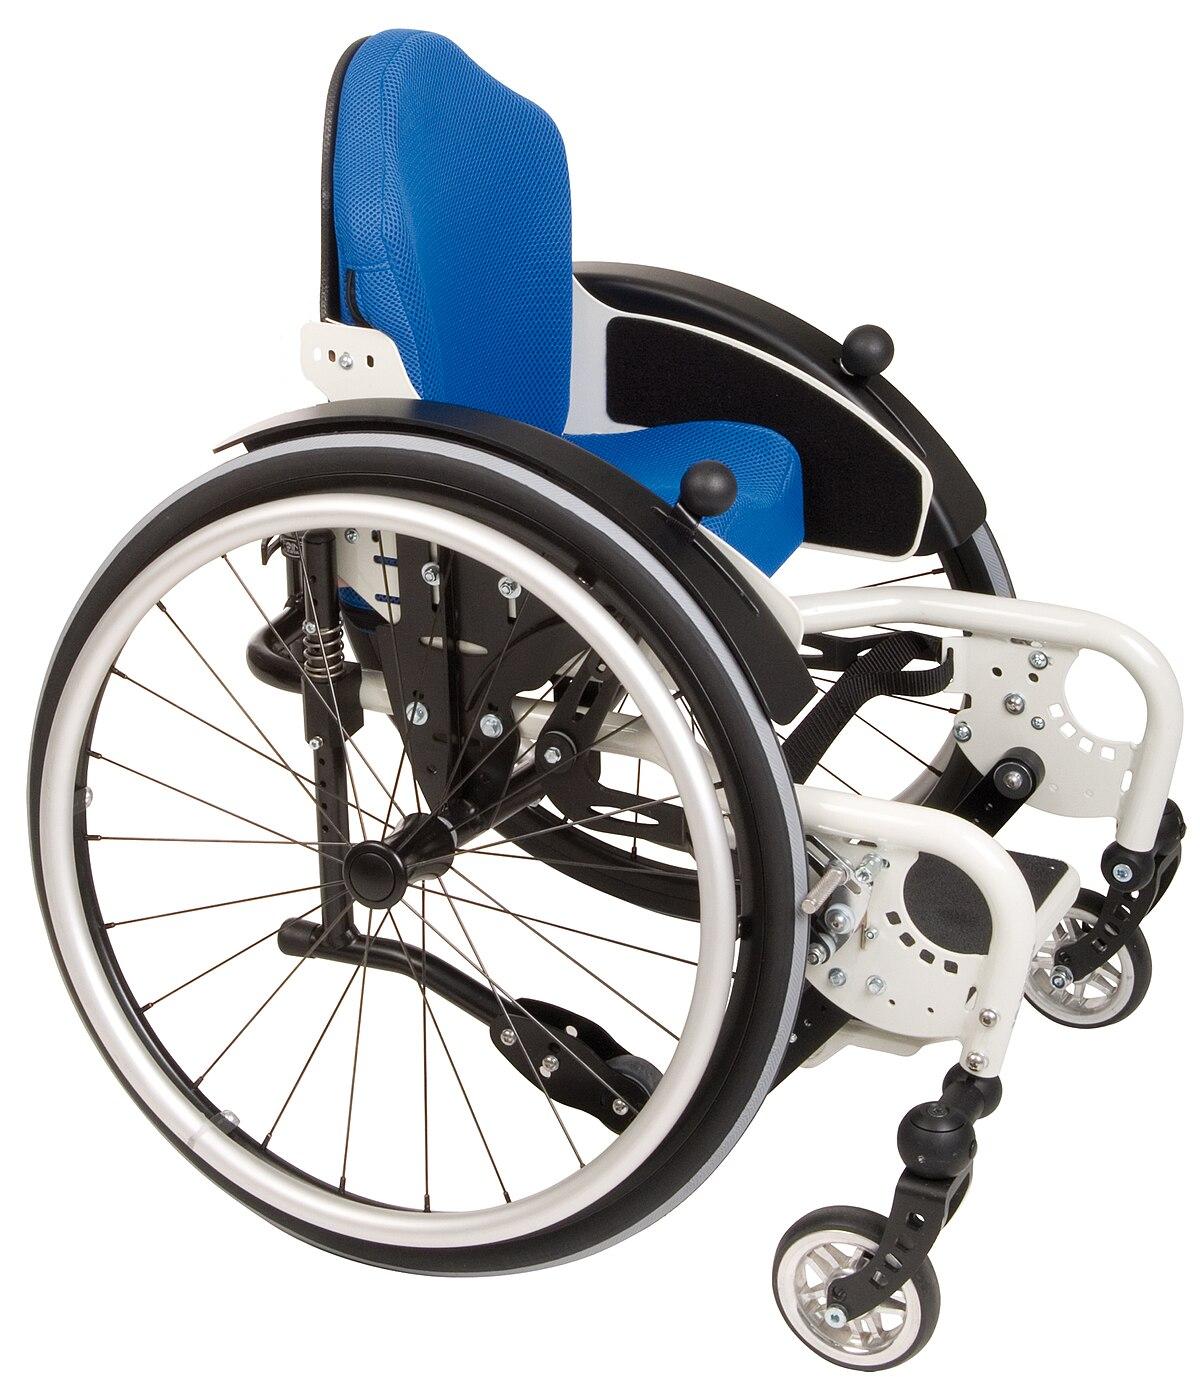 Sedia a rotelle - Wikiquote